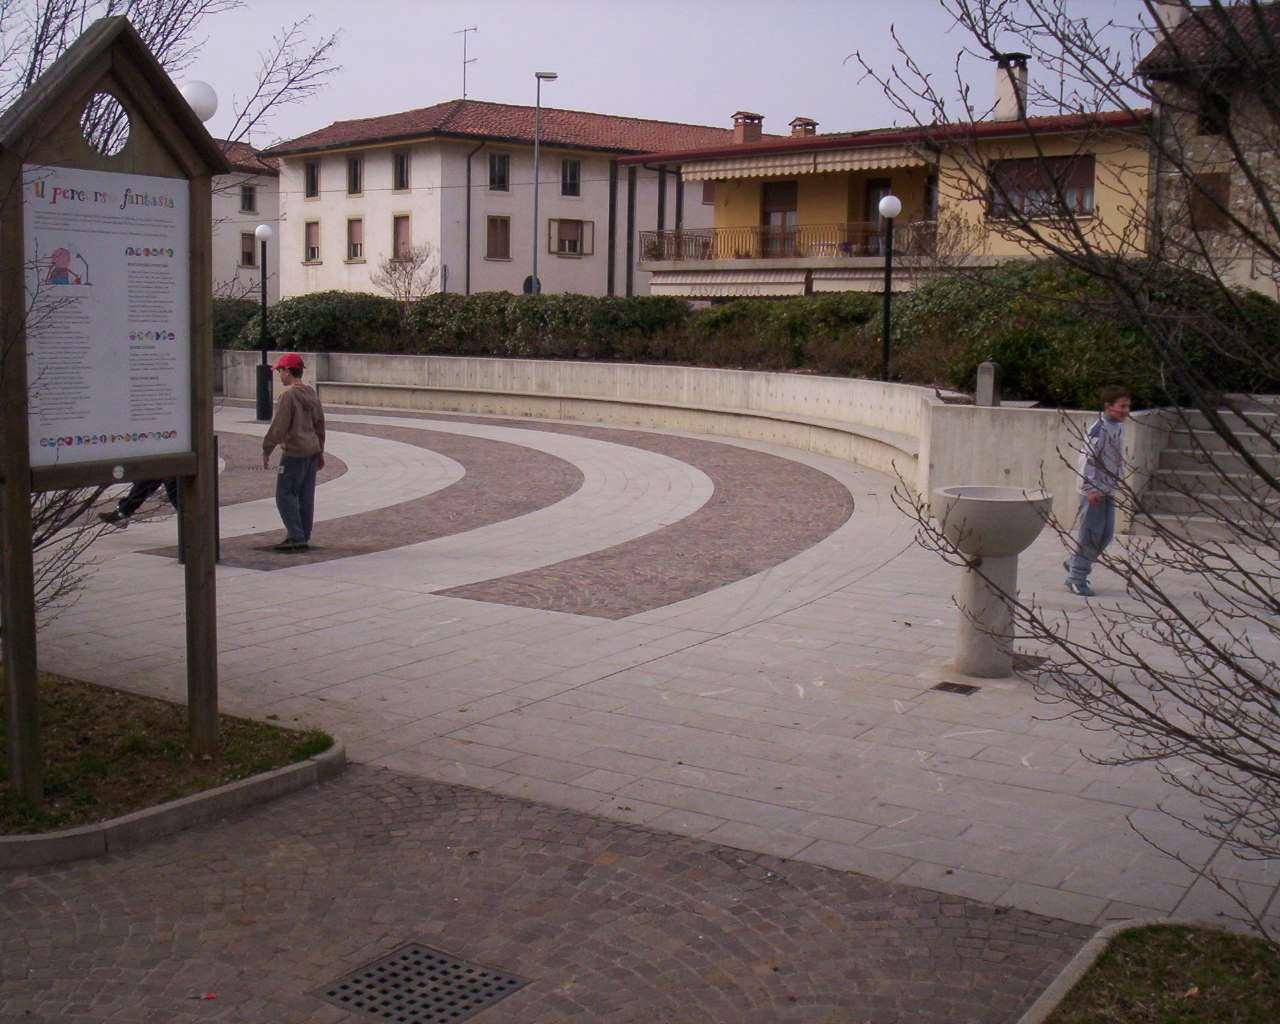 Piazza-Matteotti-Pasian-di-Prato-01